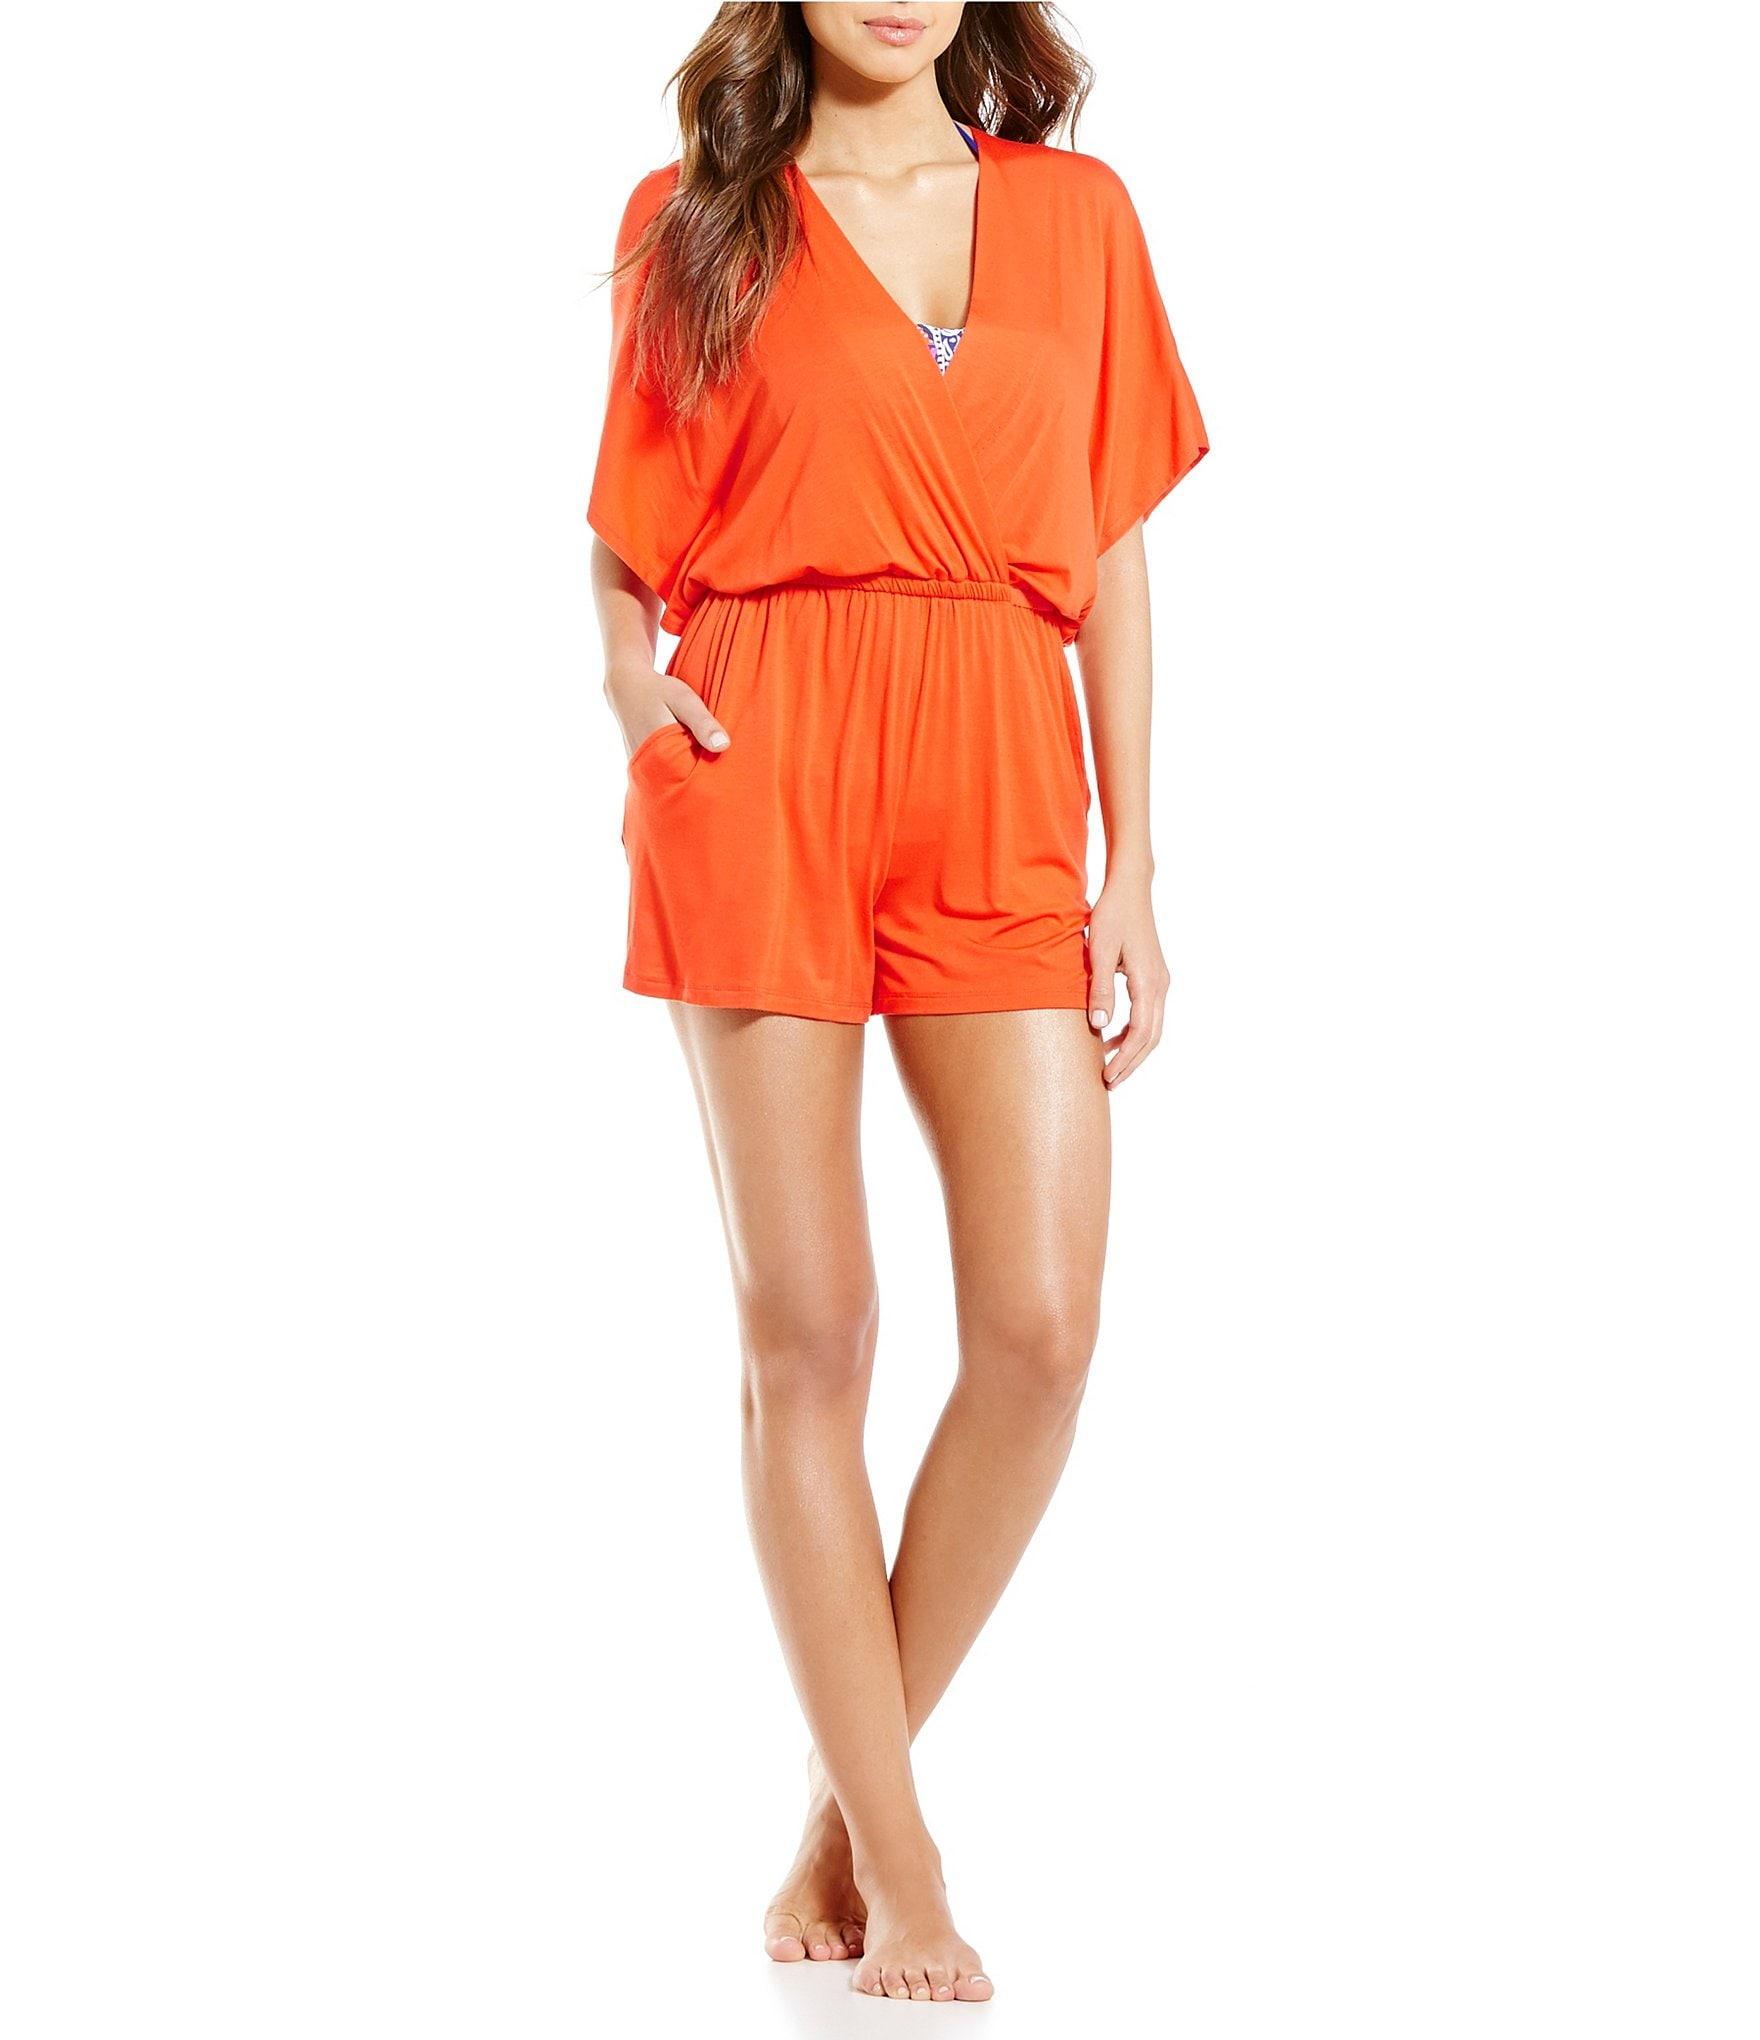 da90e4c8b04 Trina Turk Gypsy Jersey Kimono-Sleeve Romper Cover-Up